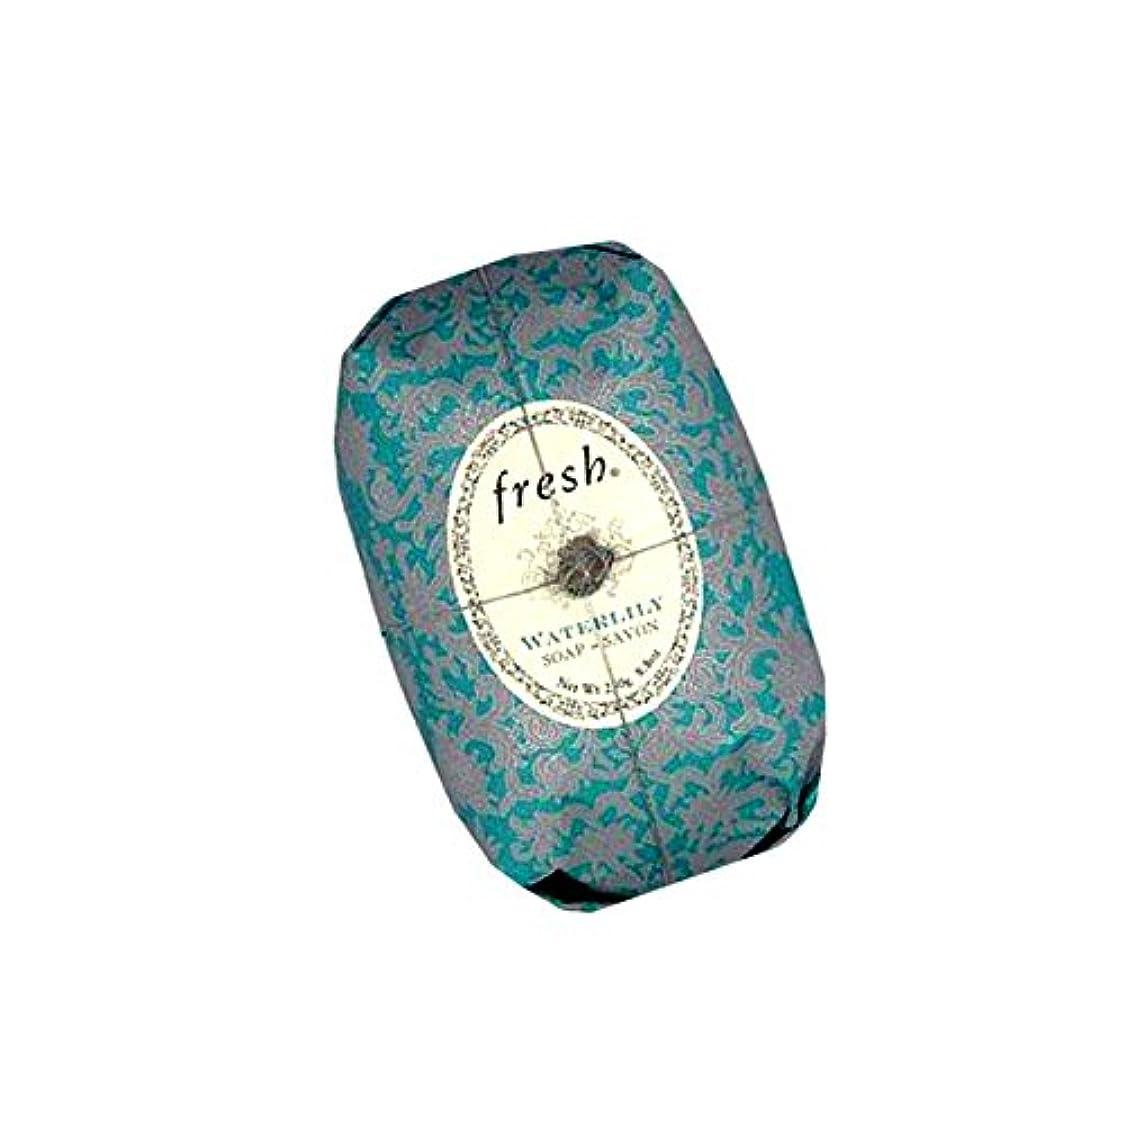 はっきりしない入り口拍手するFresh フレッシュ Waterlily Soap 石鹸, 250g/8.8oz. [海外直送品] [並行輸入品]